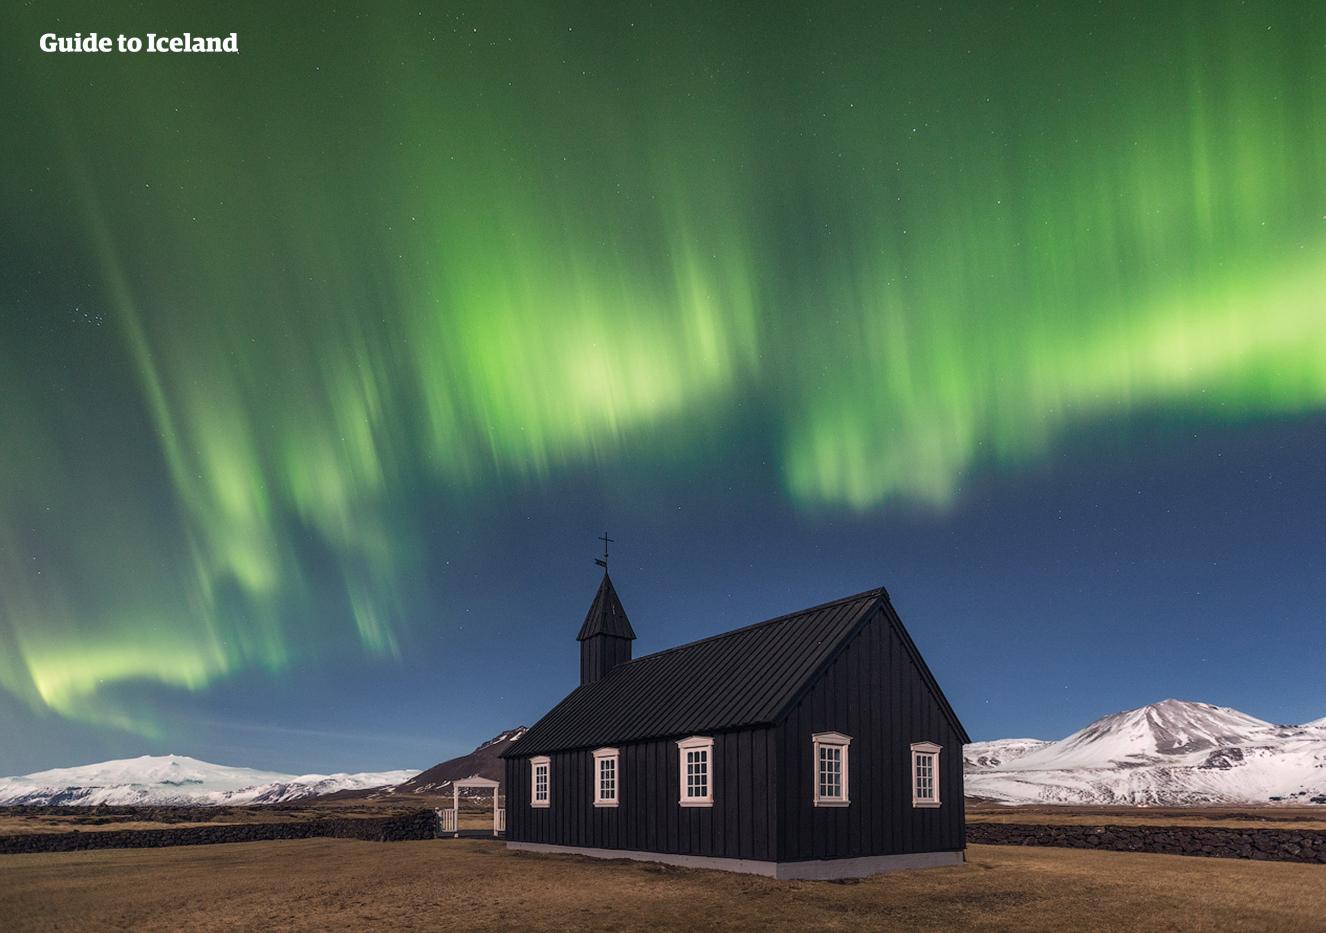 Himlen med norrskenets gröna toner över Búðirs svarta kyrka på Snæfellsneshalvön